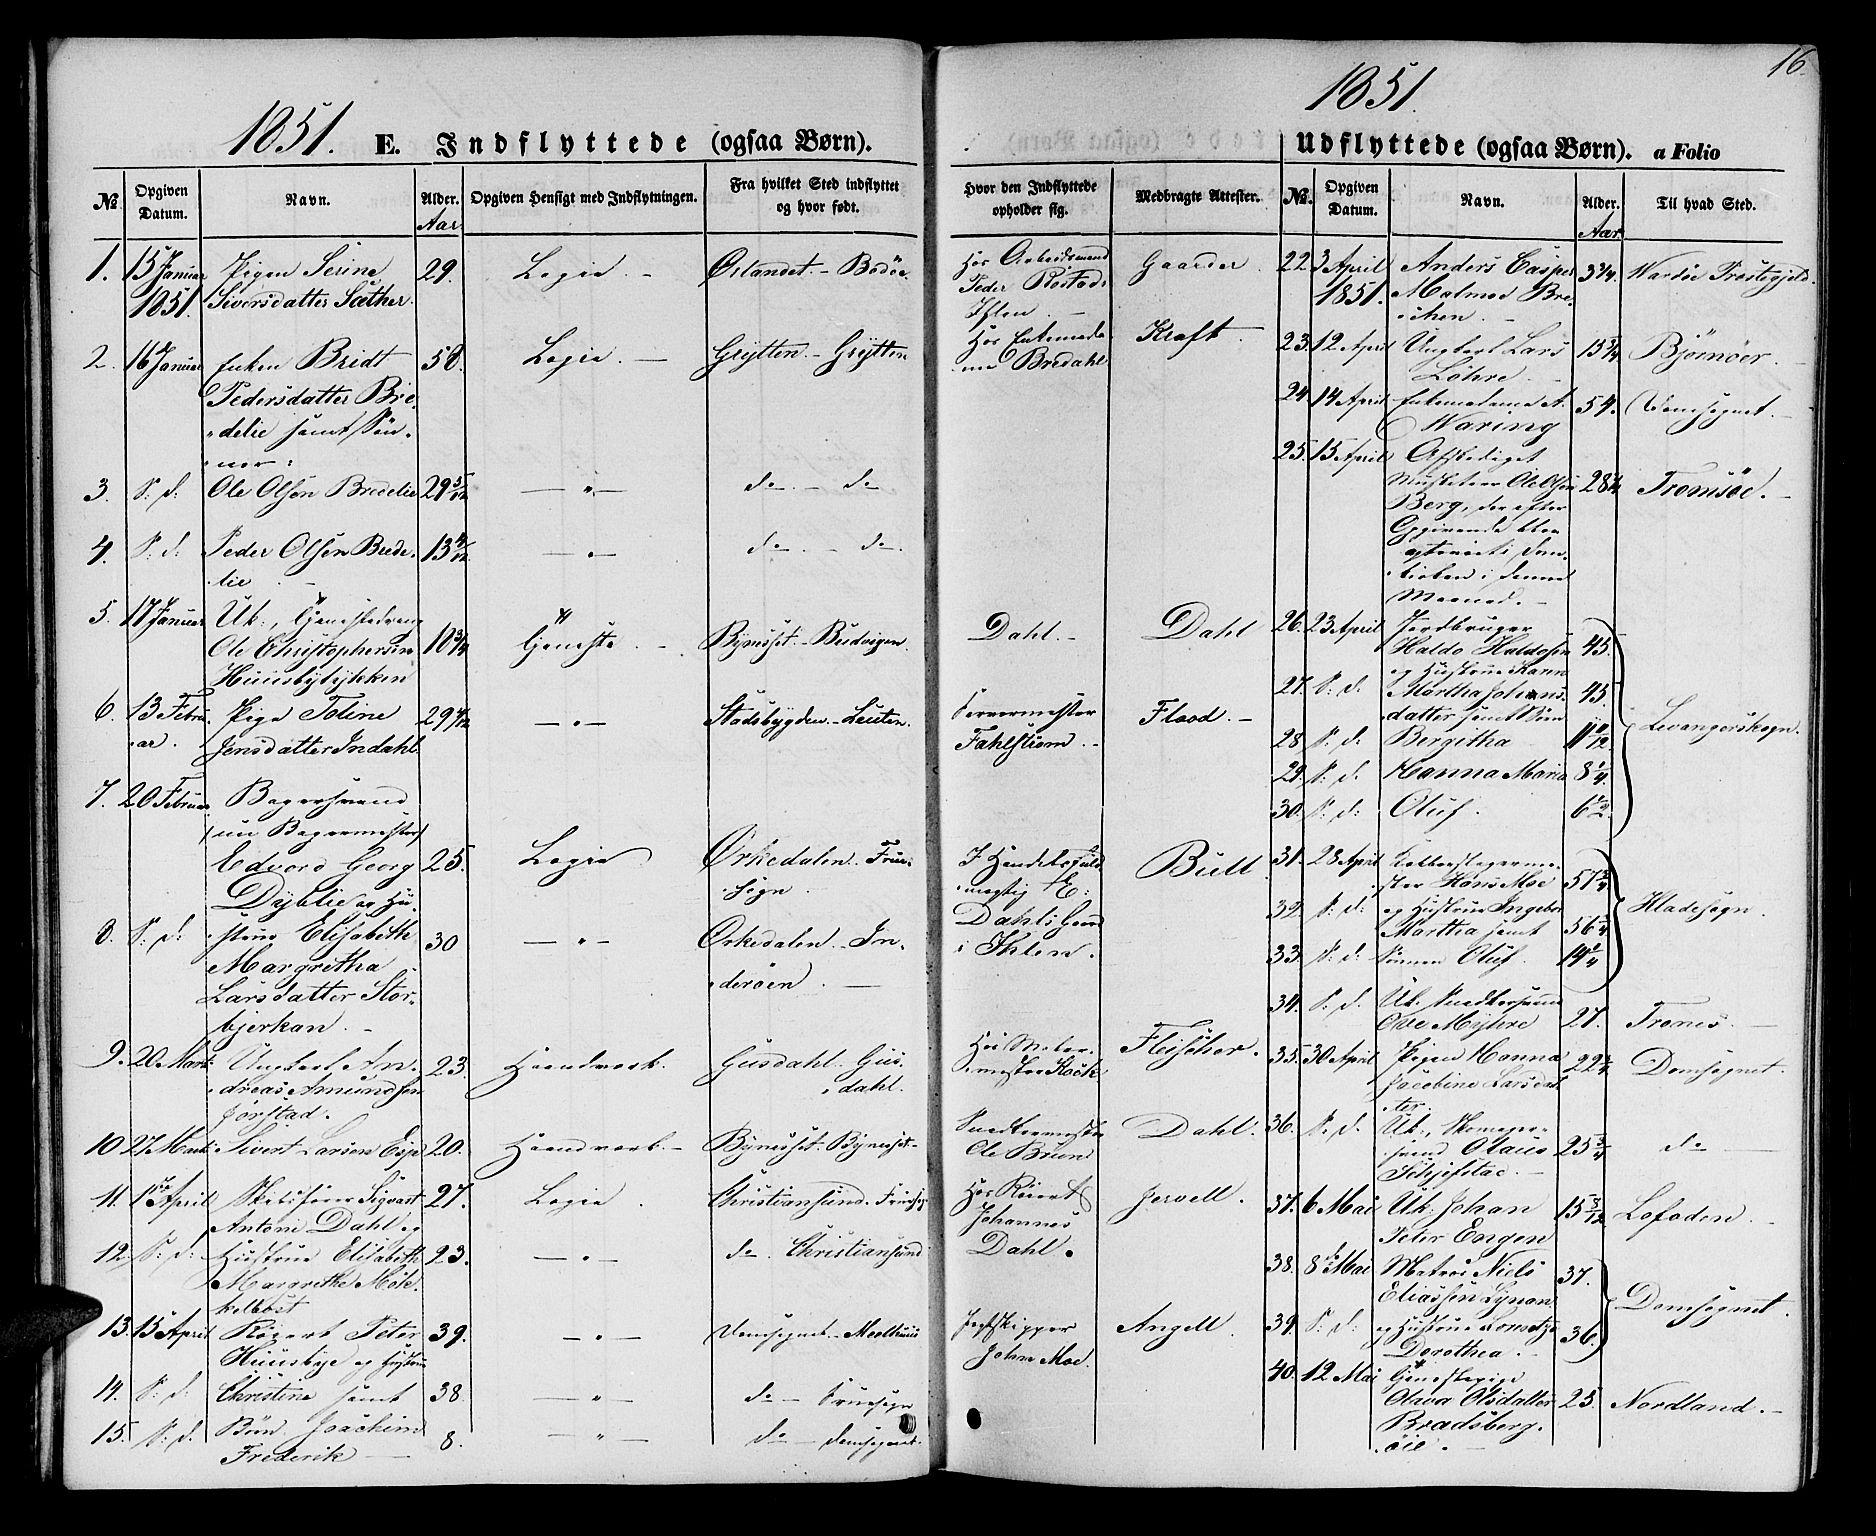 SAT, Ministerialprotokoller, klokkerbøker og fødselsregistre - Sør-Trøndelag, 602/L0113: Ministerialbok nr. 602A11, 1849-1861, s. 16